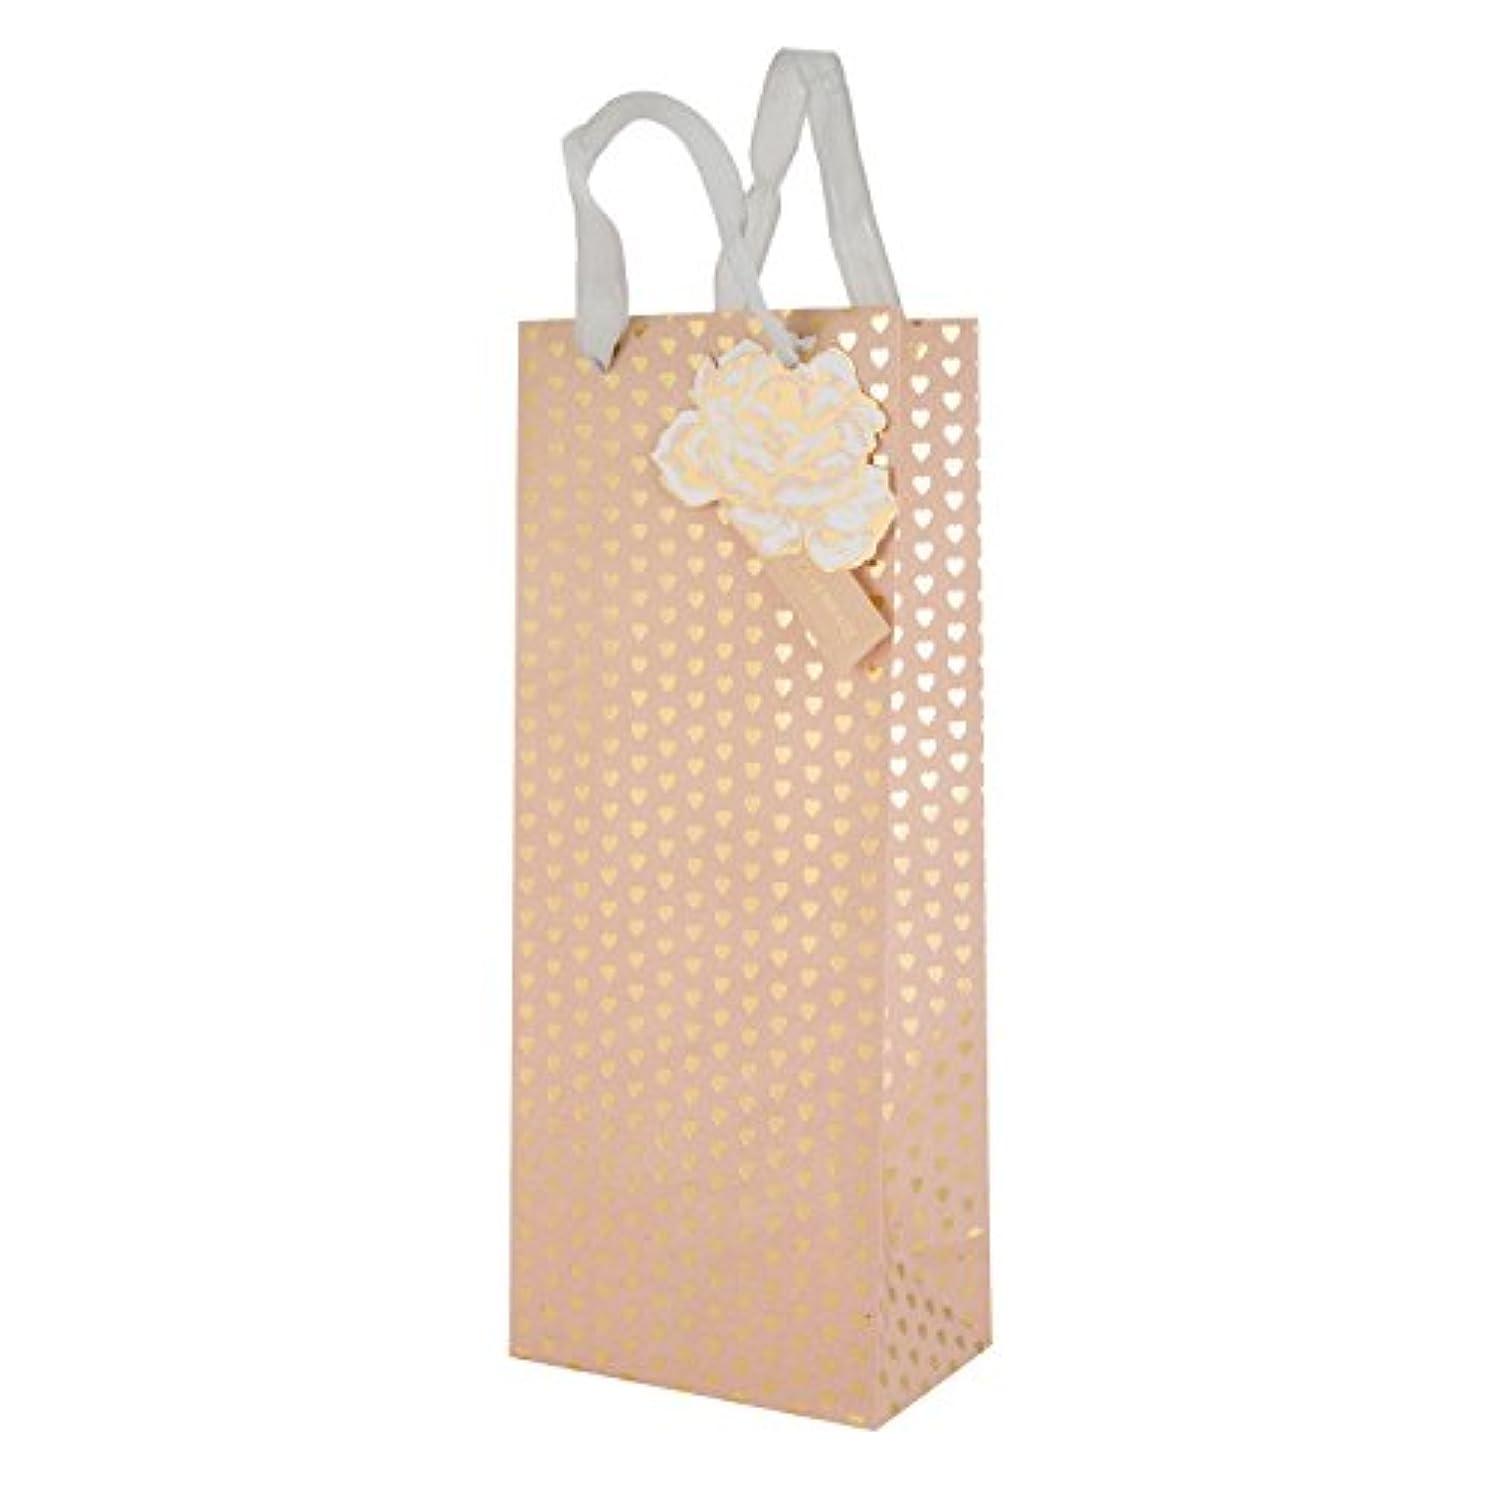 Hallmark Heart Gift Bag 'Foil' - Bottle